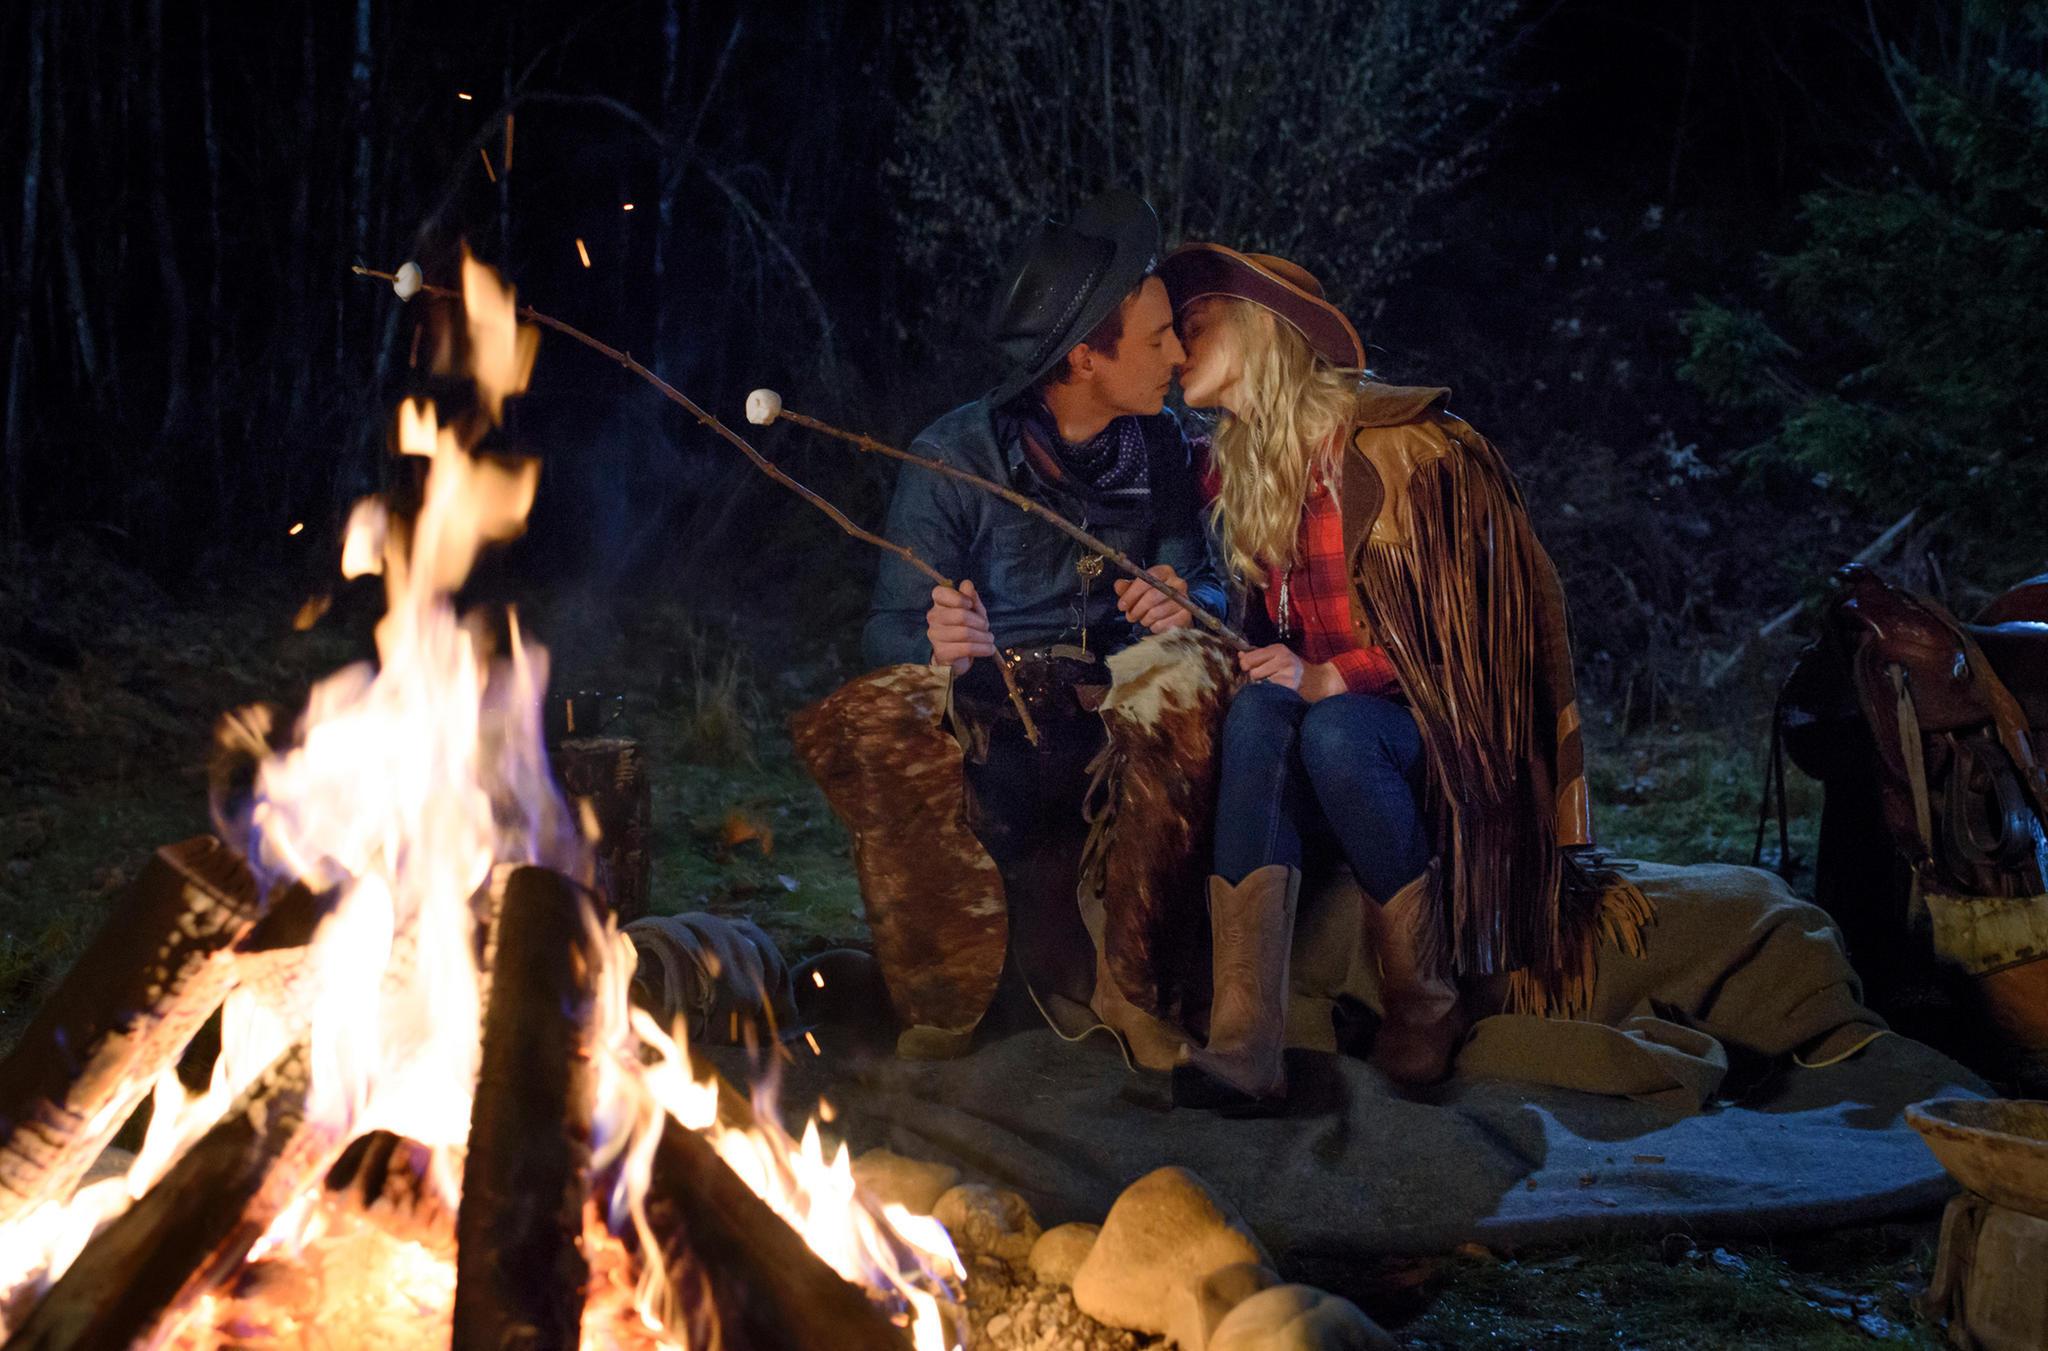 Lagerfeuer, Romantik - und ein Kuss! Alicia (Larissa Marolt) kann Viktor (Sebastian Fischer) nicht widerstehen. Das allerdings nur im Traum in Folge 2887